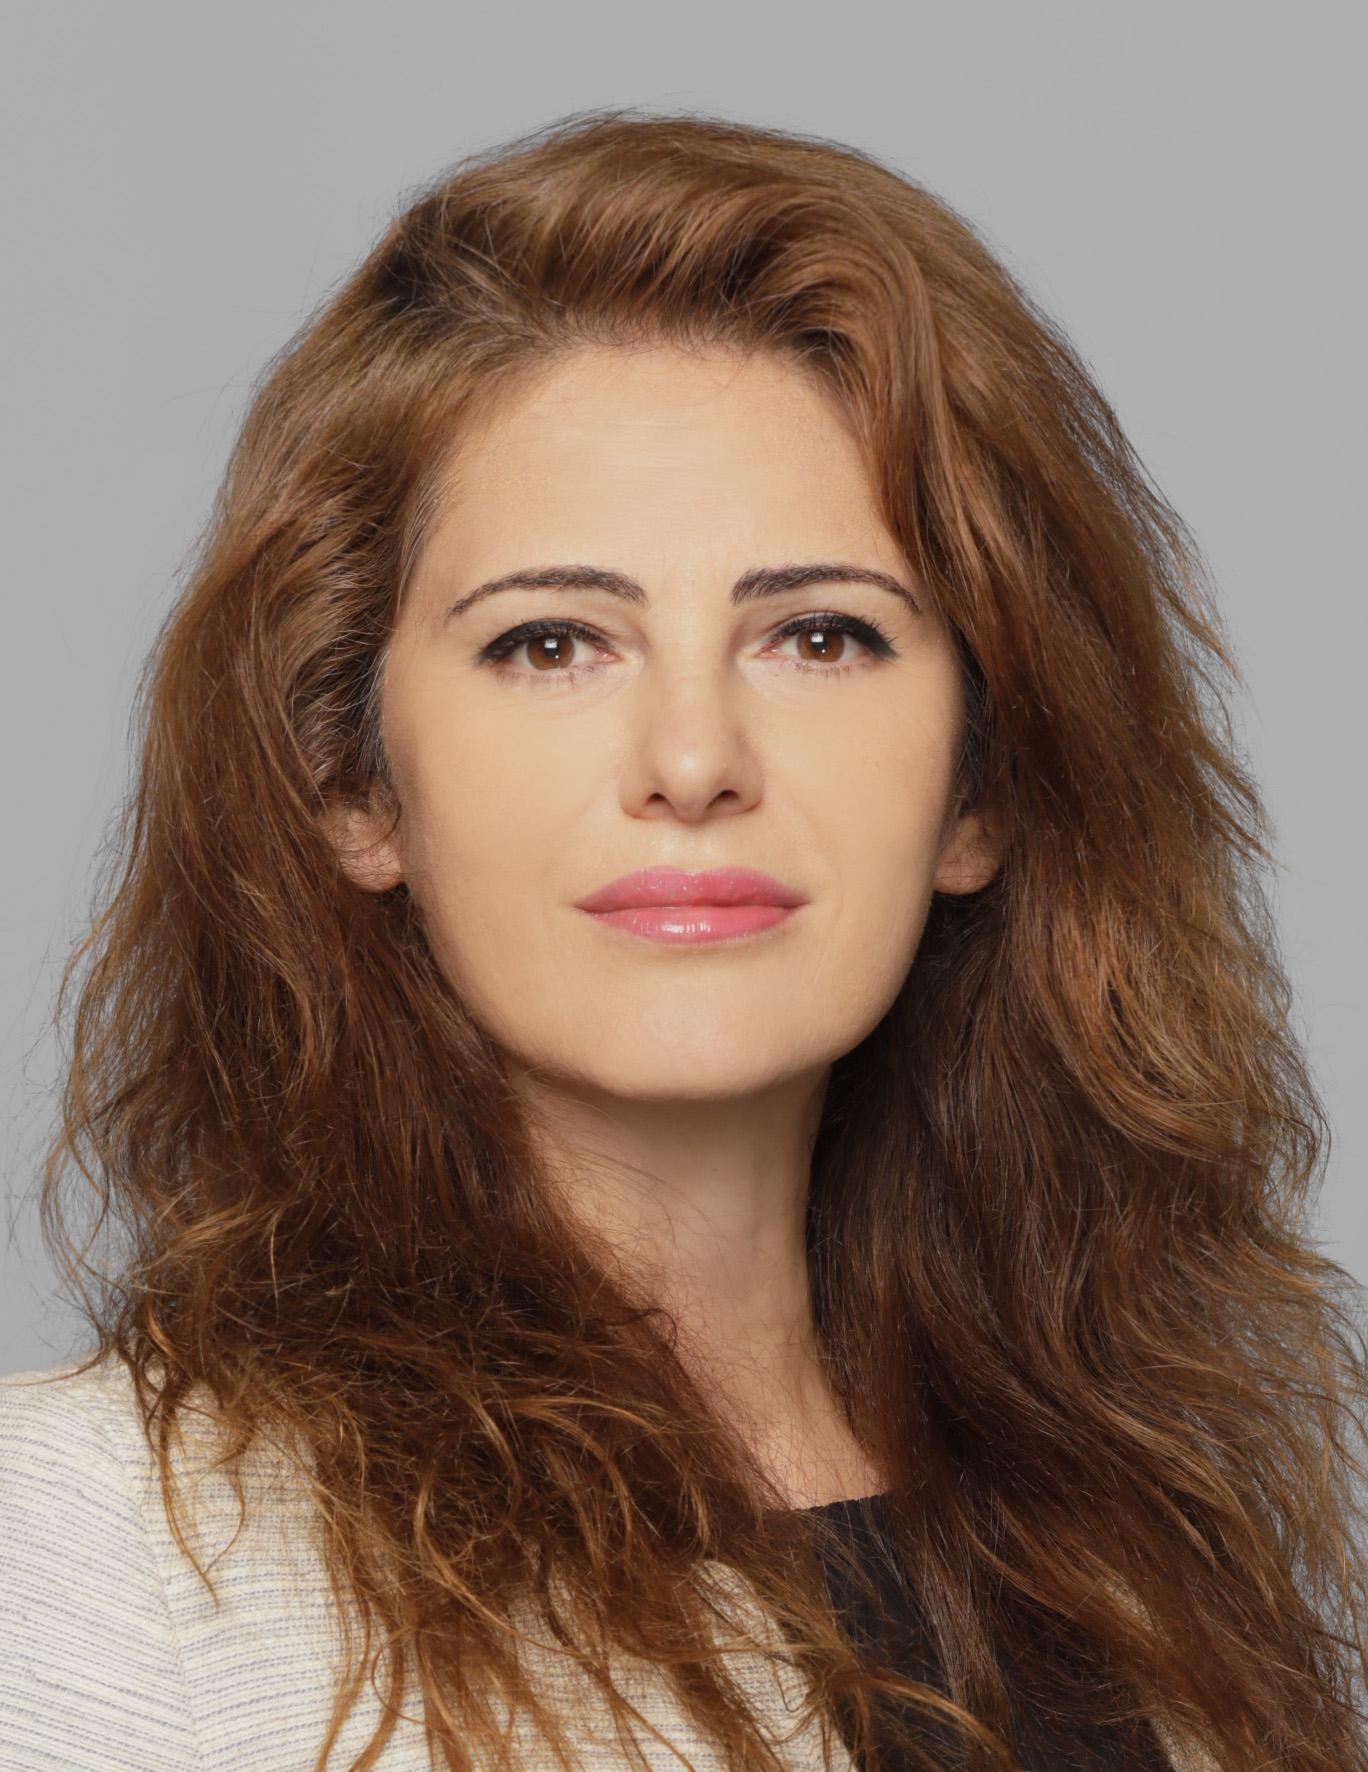 Dr. E. Pavlova_Face Photo